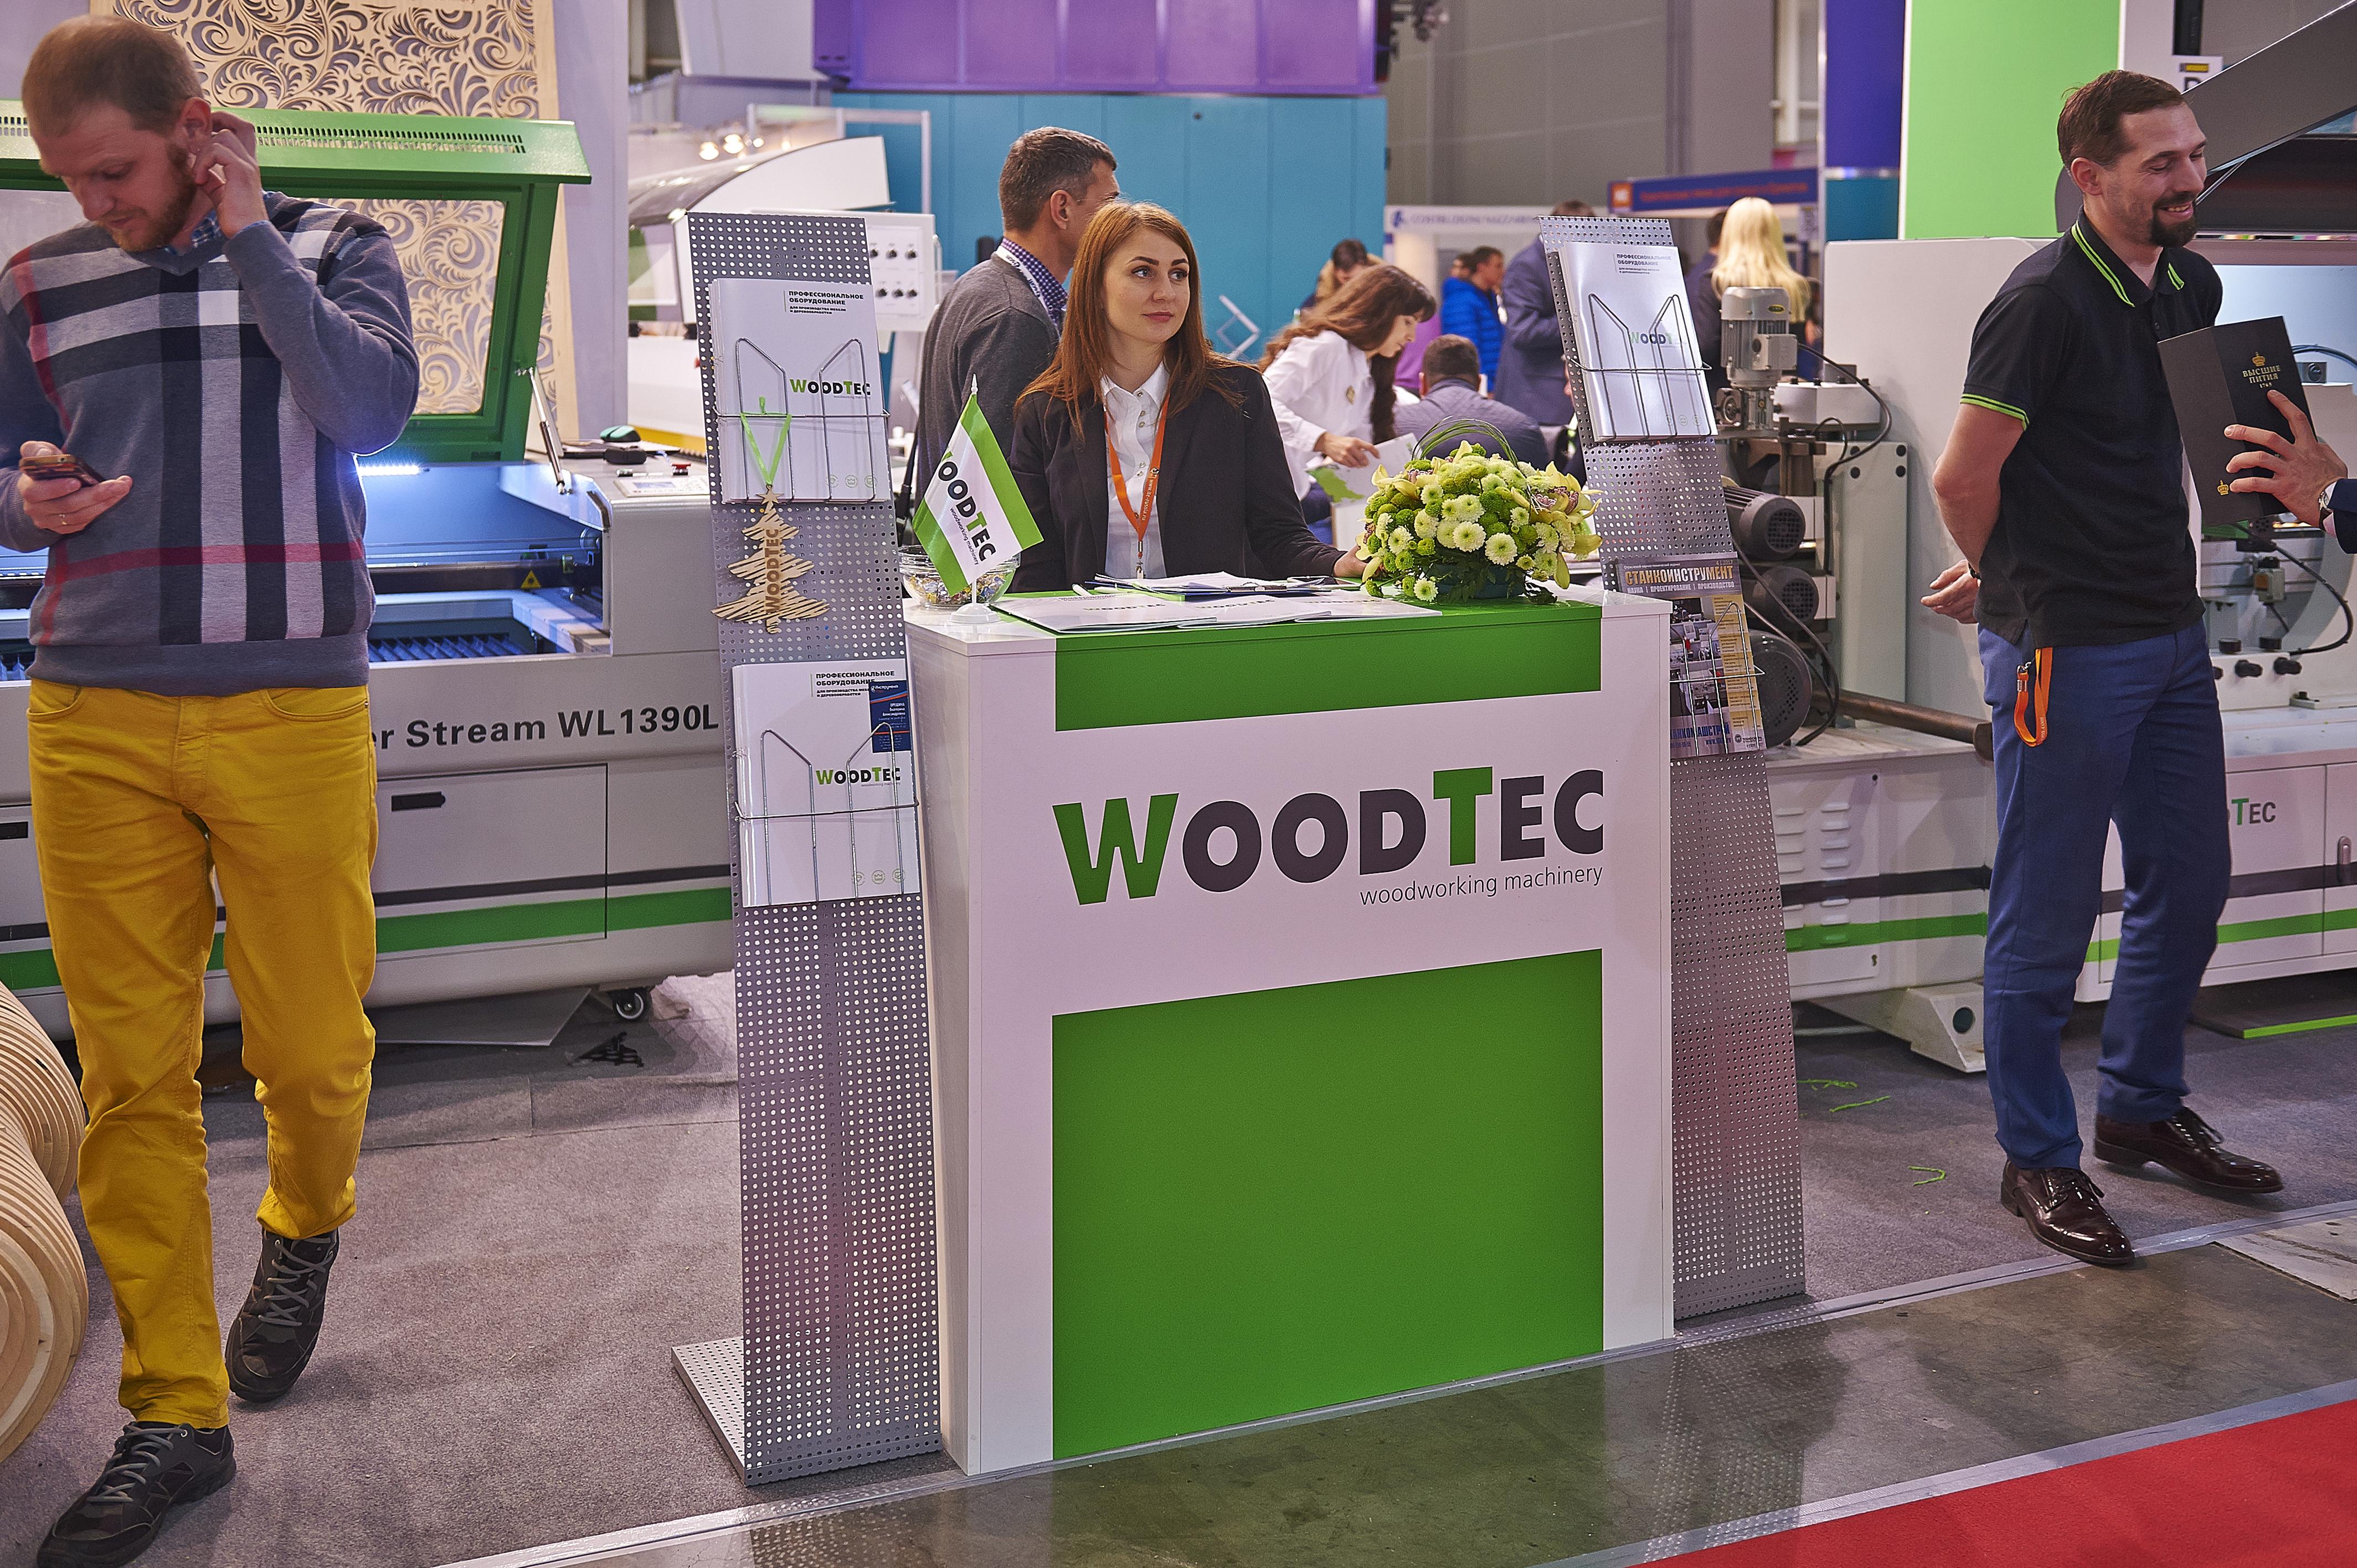 Woodtec_300dpi_16